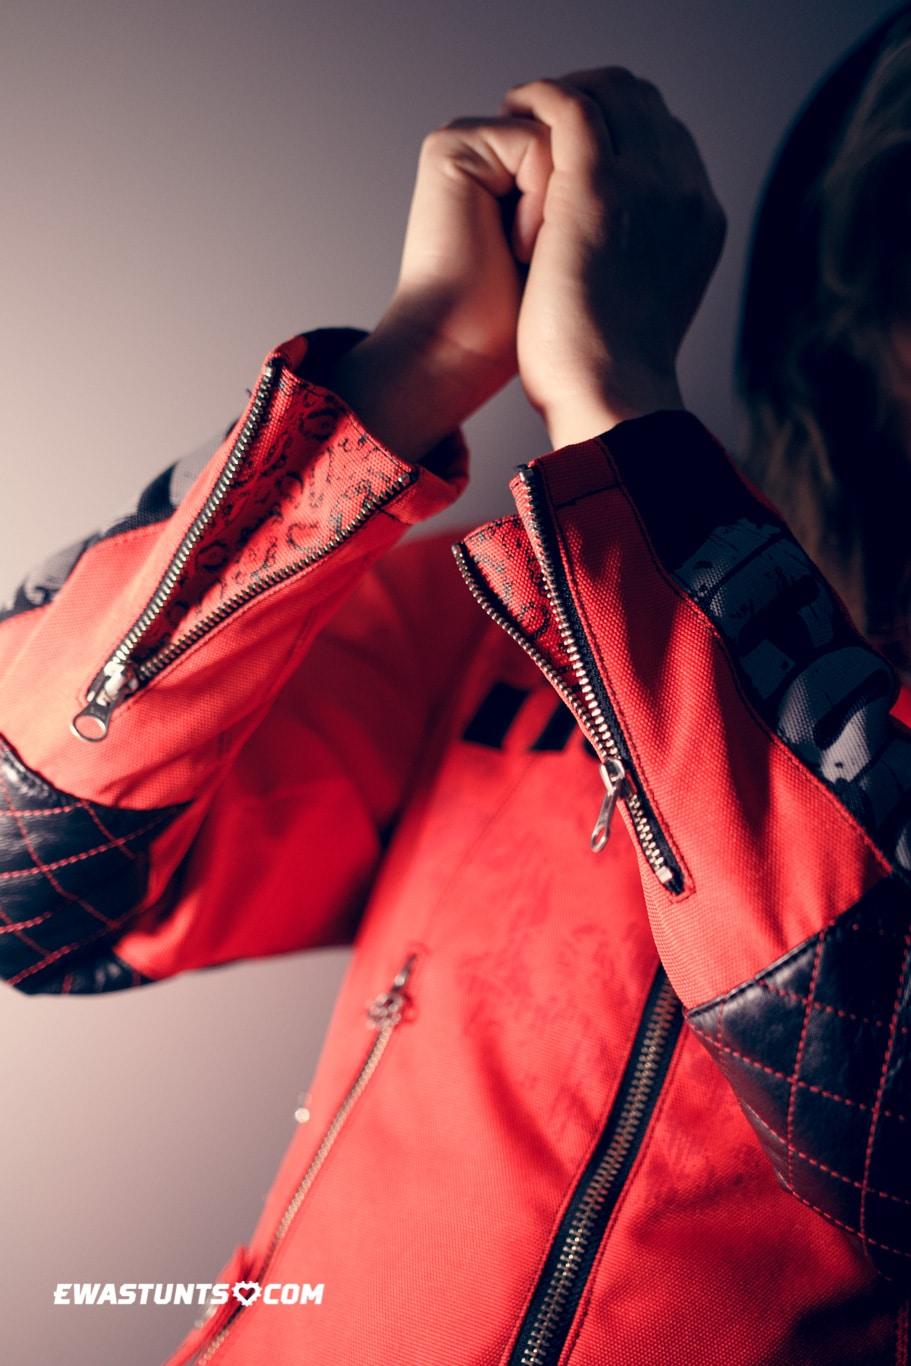 ewastunts_icon_jacket-28